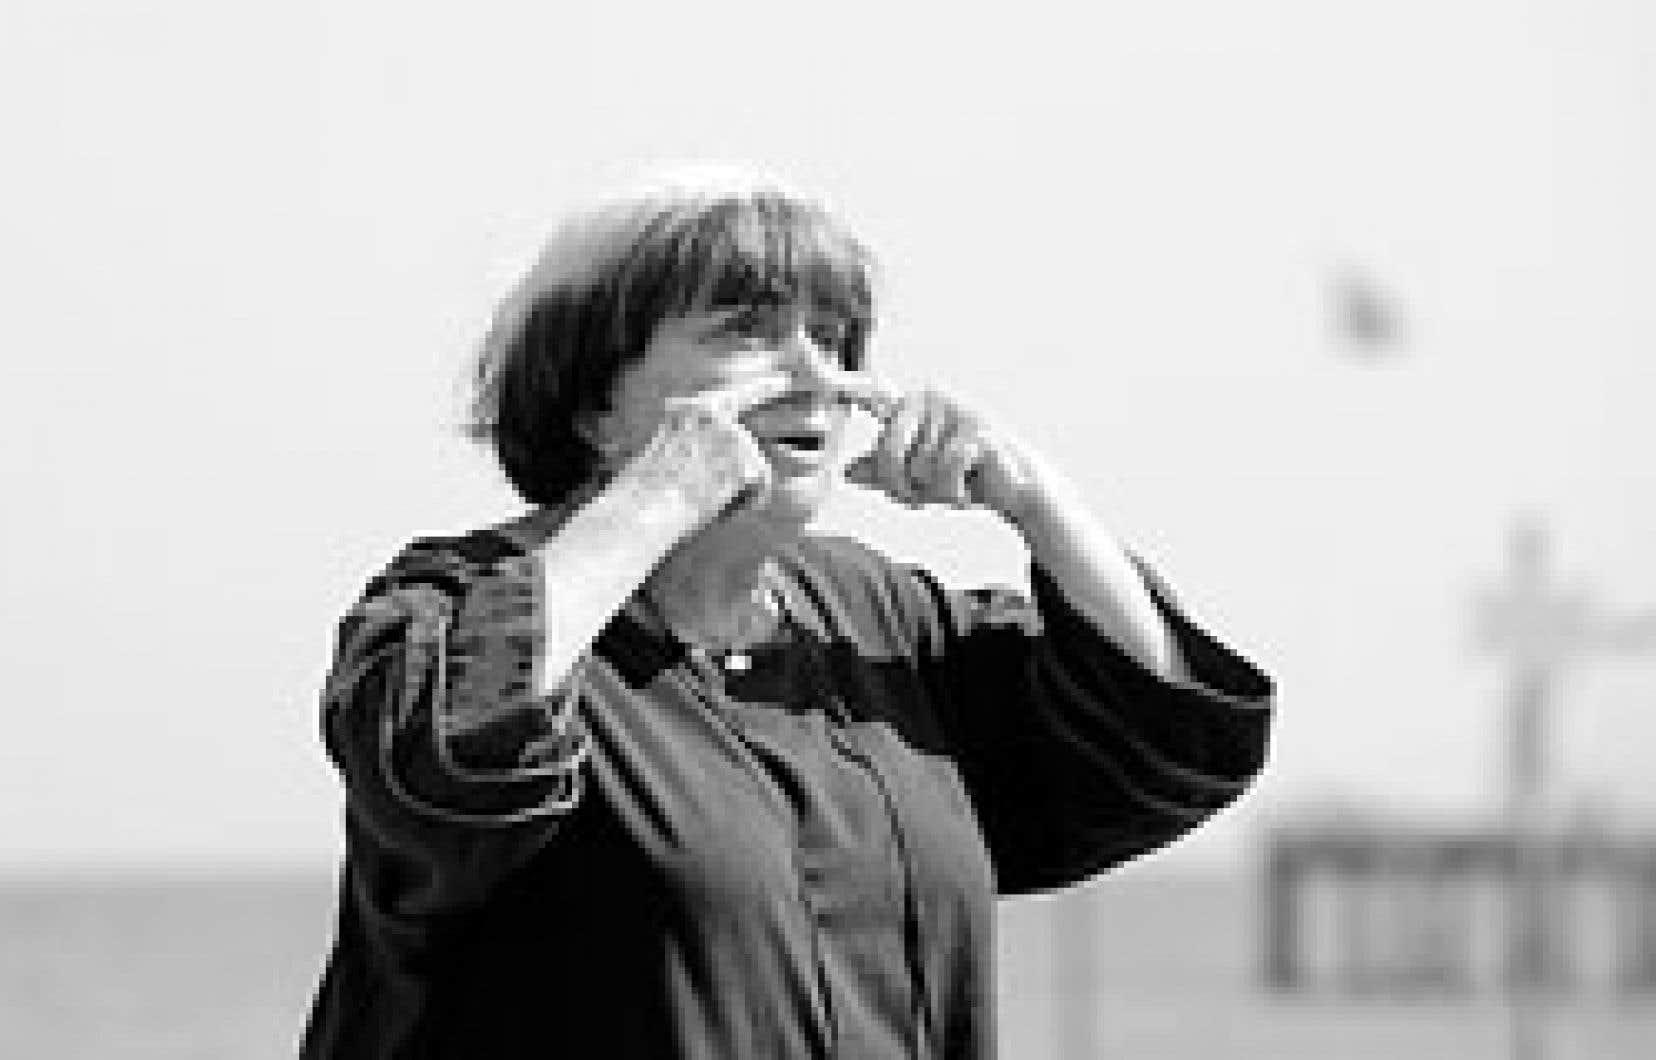 Agnès Varda s'est prêtée au jeu des photographes, sur une plage, lors du dernier Festival international du film de Venise, il y a quelques jours à peine.